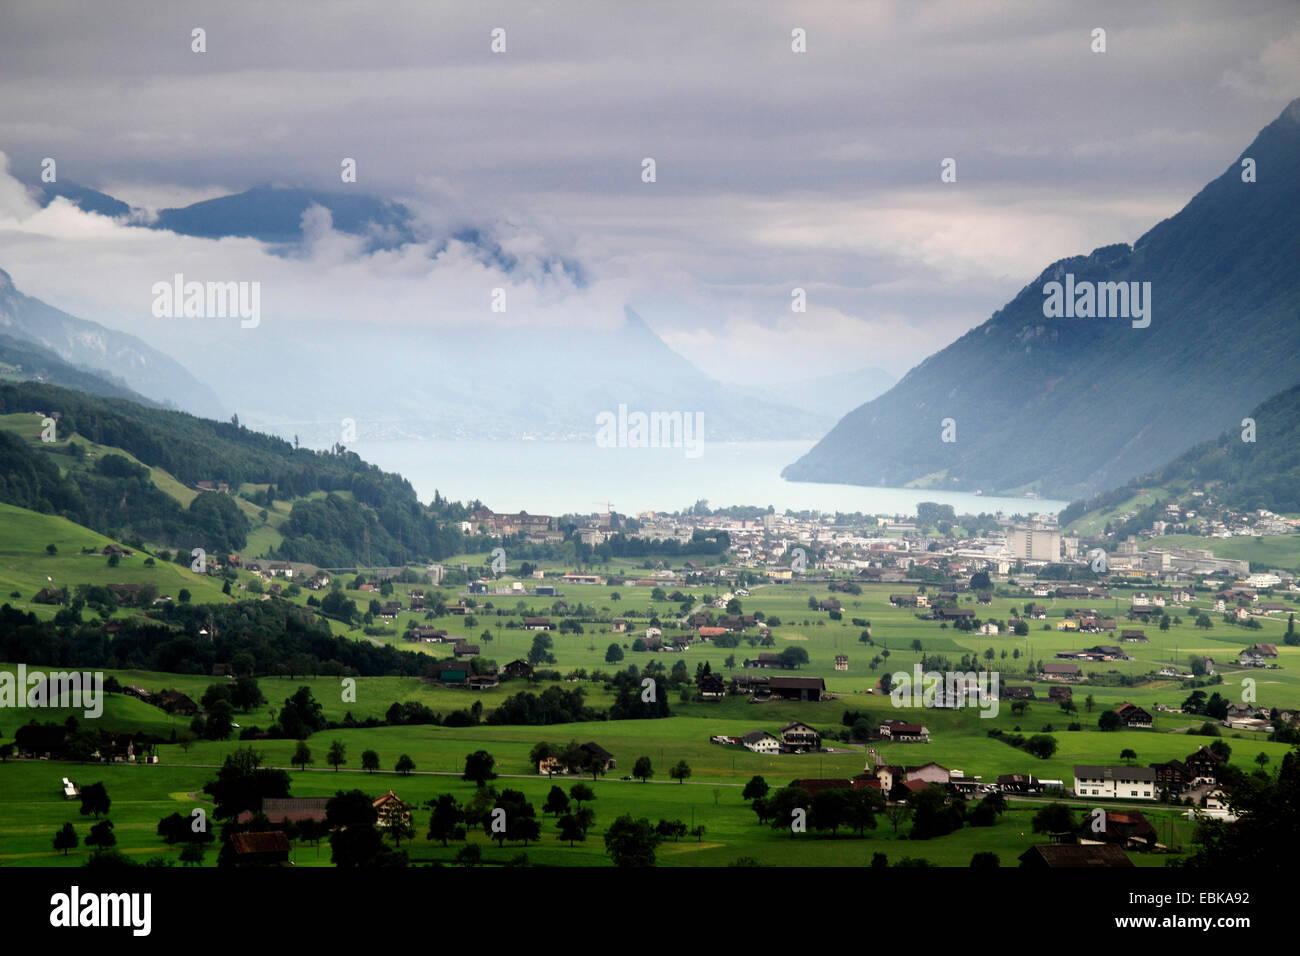 Brunnen Switzerland Stock Photos & Brunnen Switzerland ...